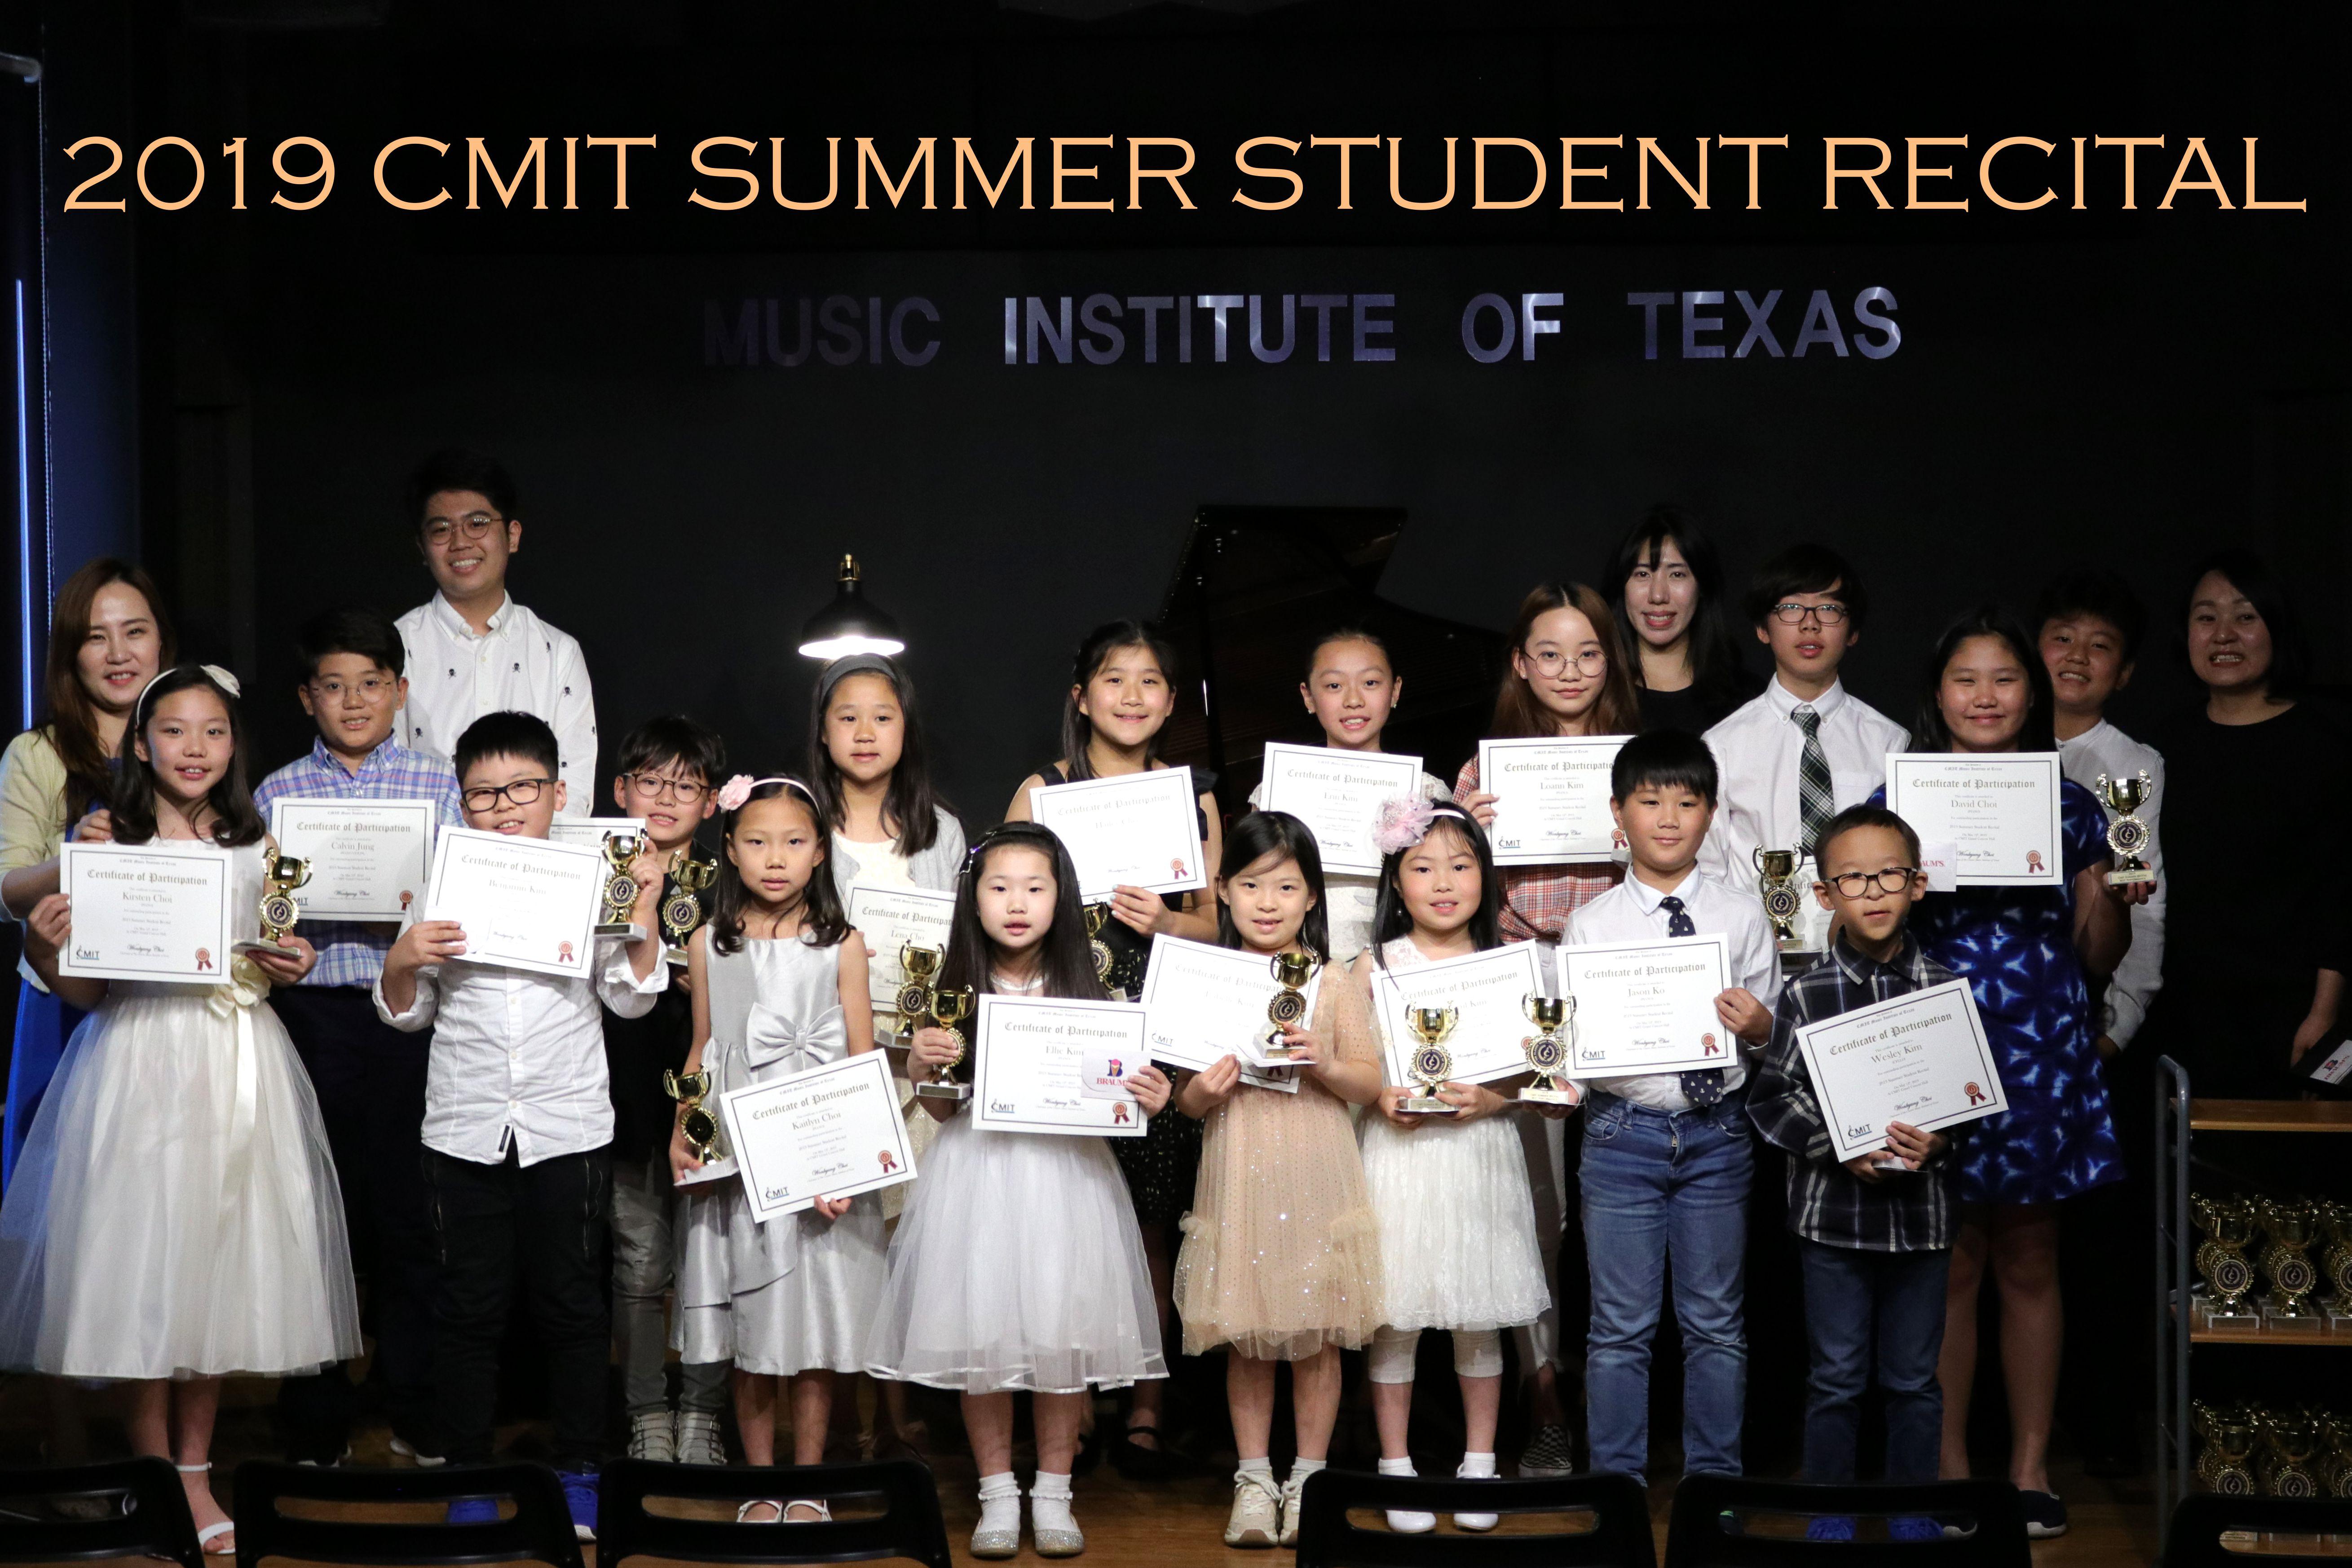 2019 CMIT SUMMER STUDENT RECITAL 01s